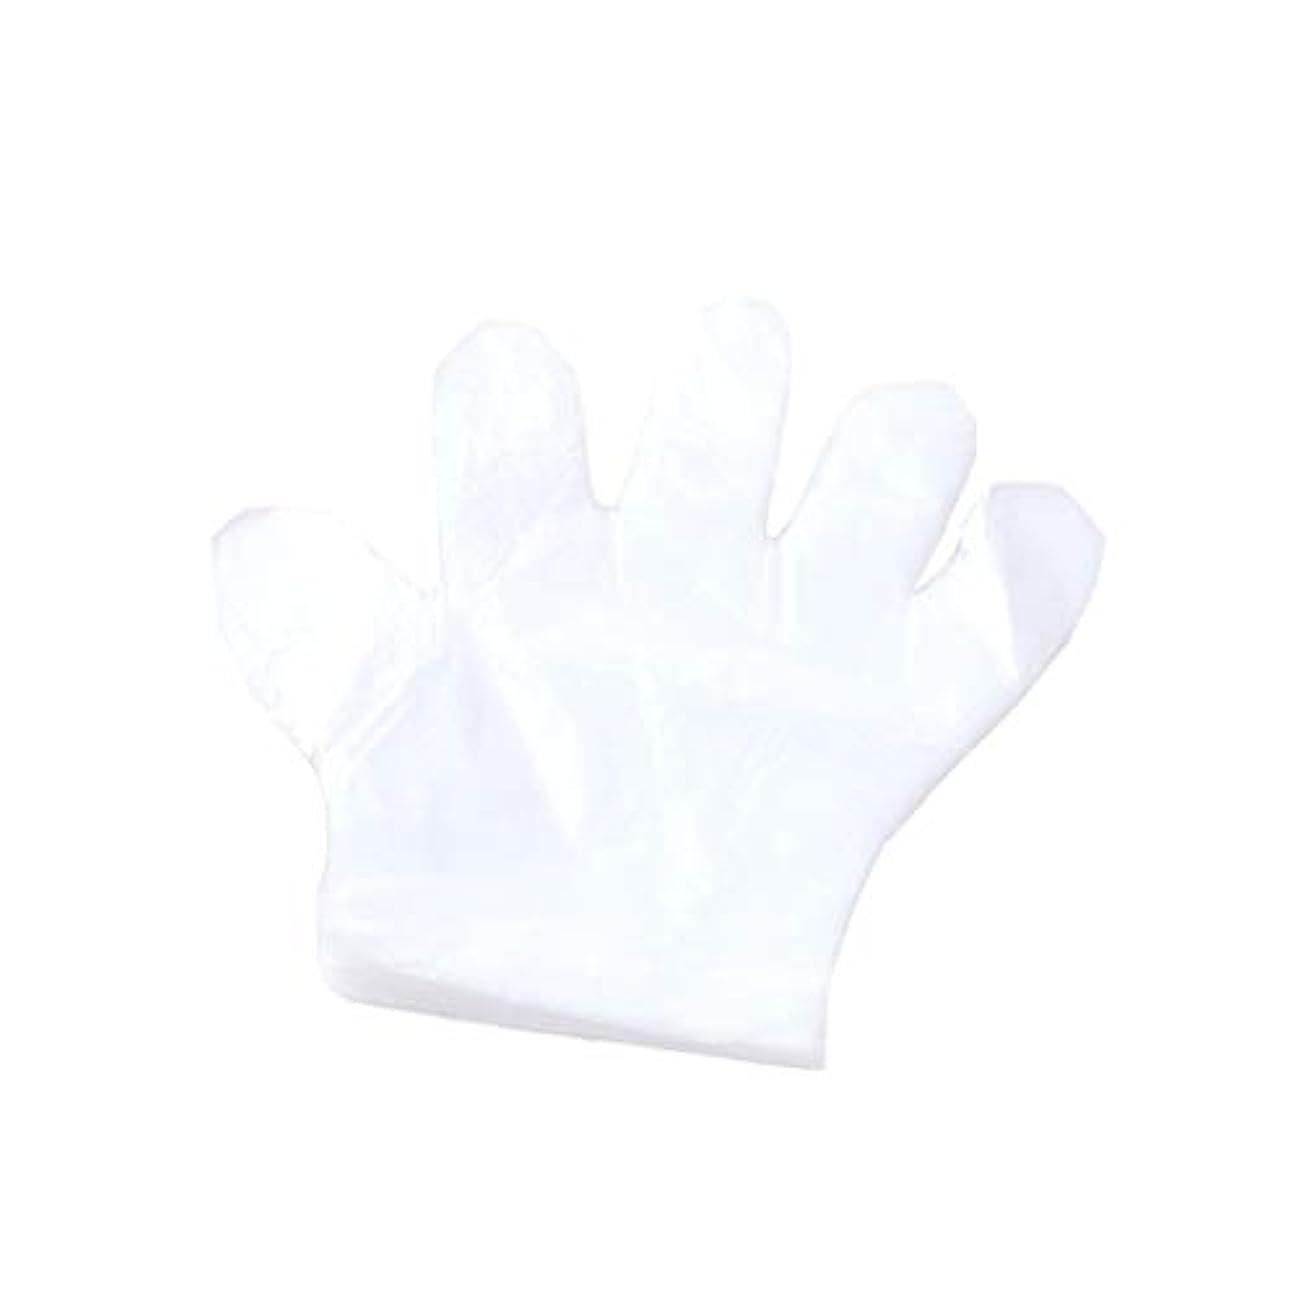 こんにちは邪悪な食料品店手袋、使い捨て手袋、プラスチック透明な使い捨て手袋、衛生的な食品、100スーツ。 (UnitCount : 2000only)